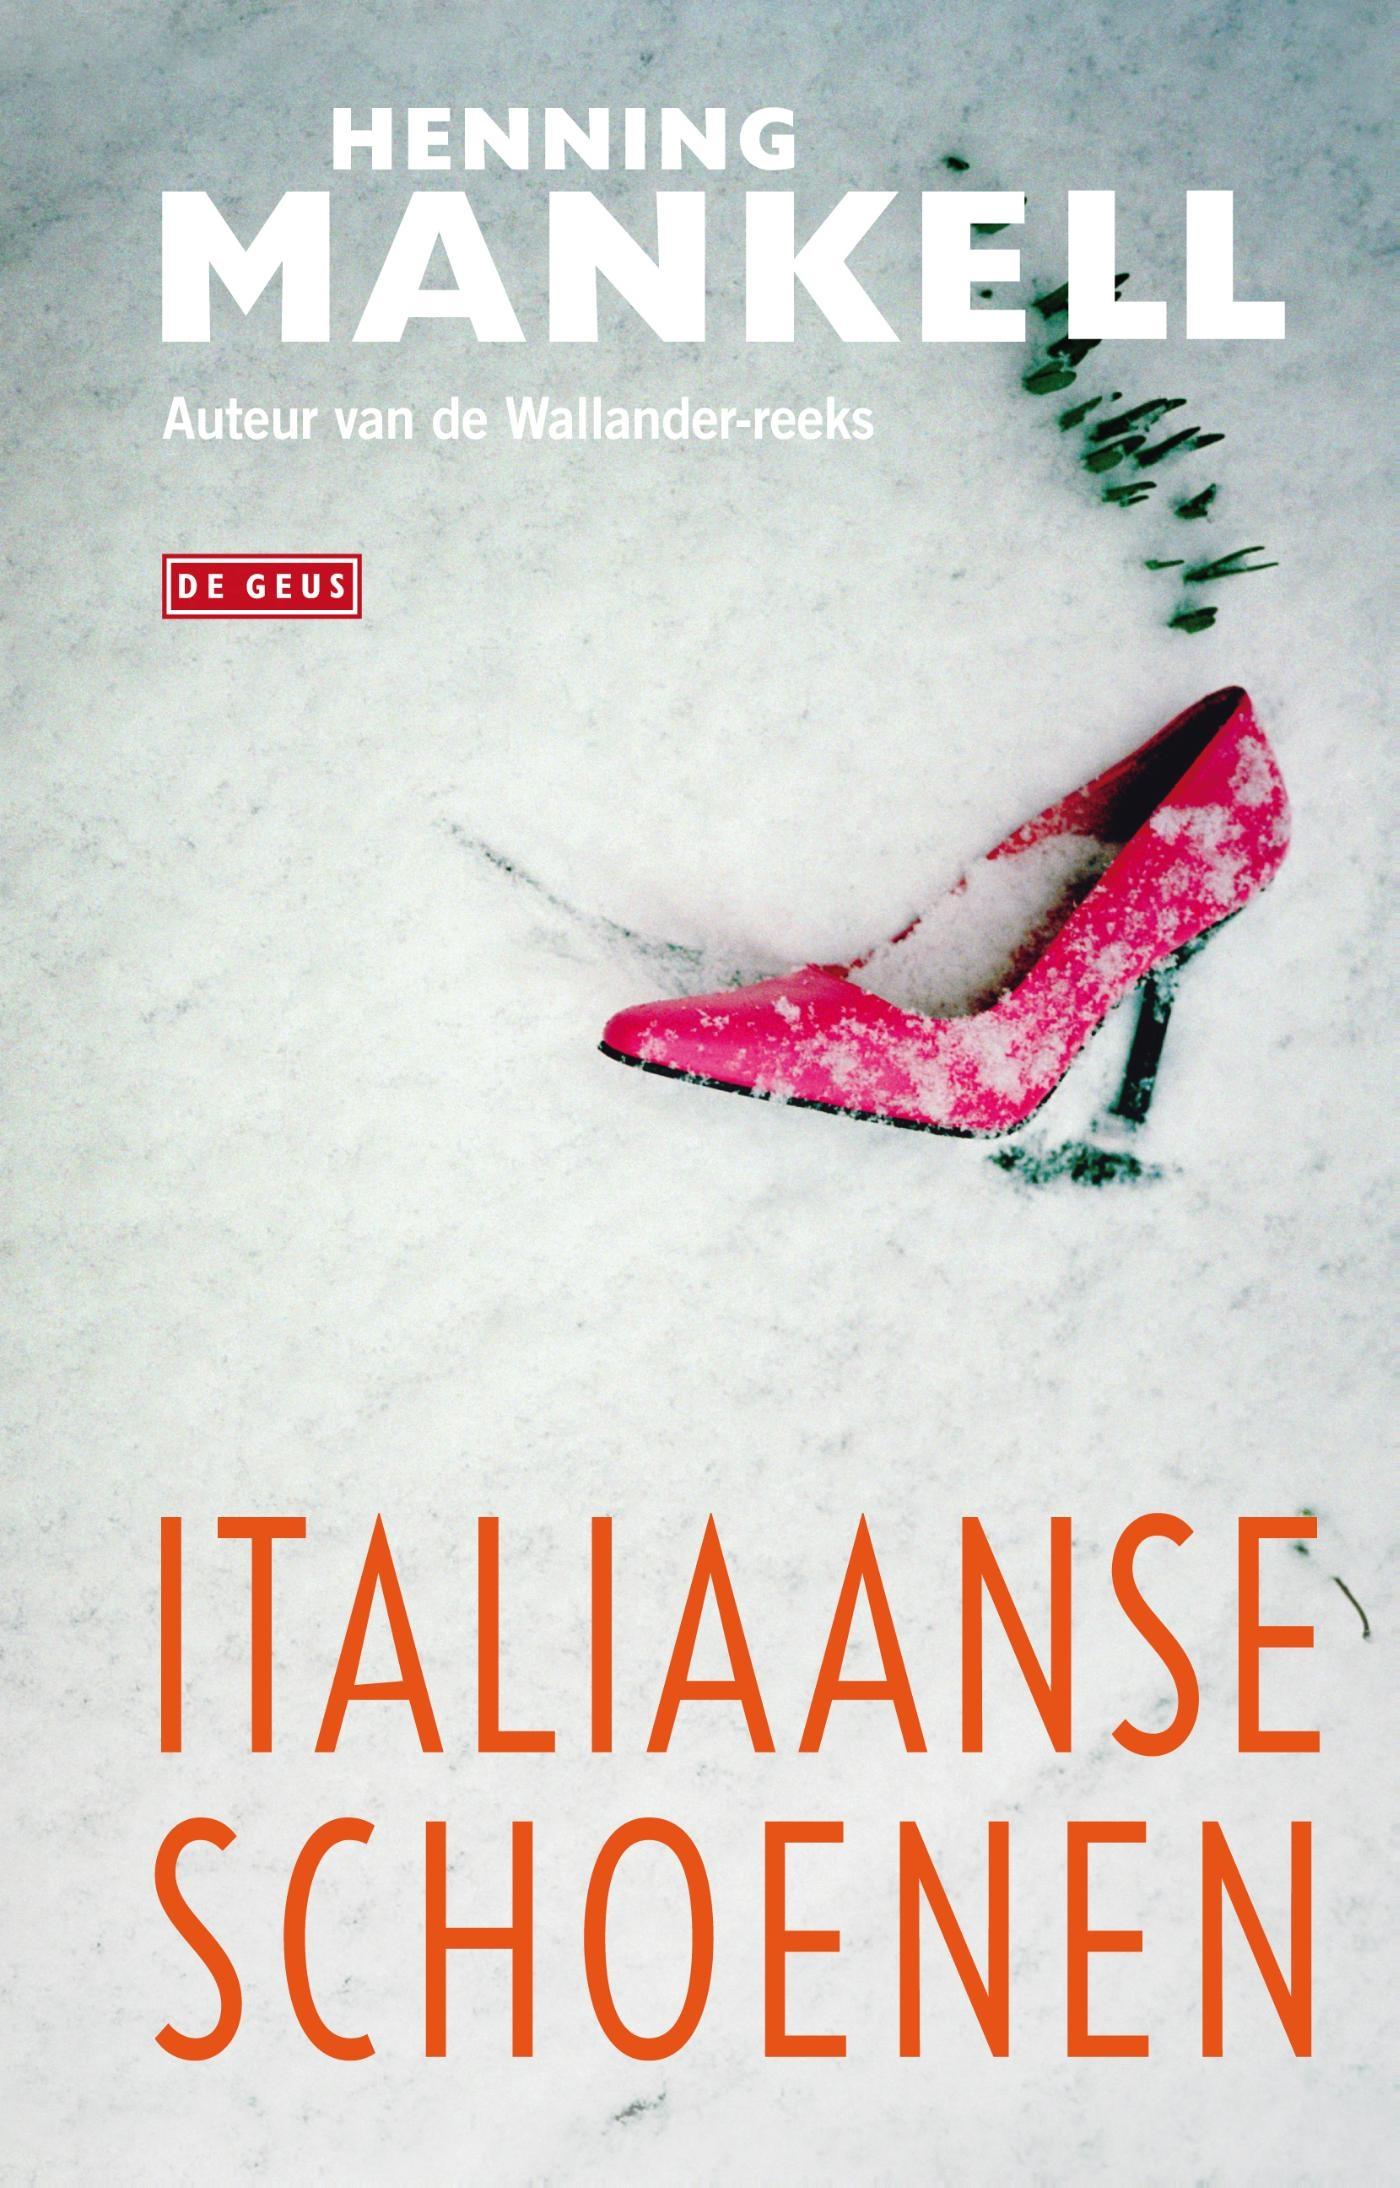 Italiaanse schoenen – Henning Mankell